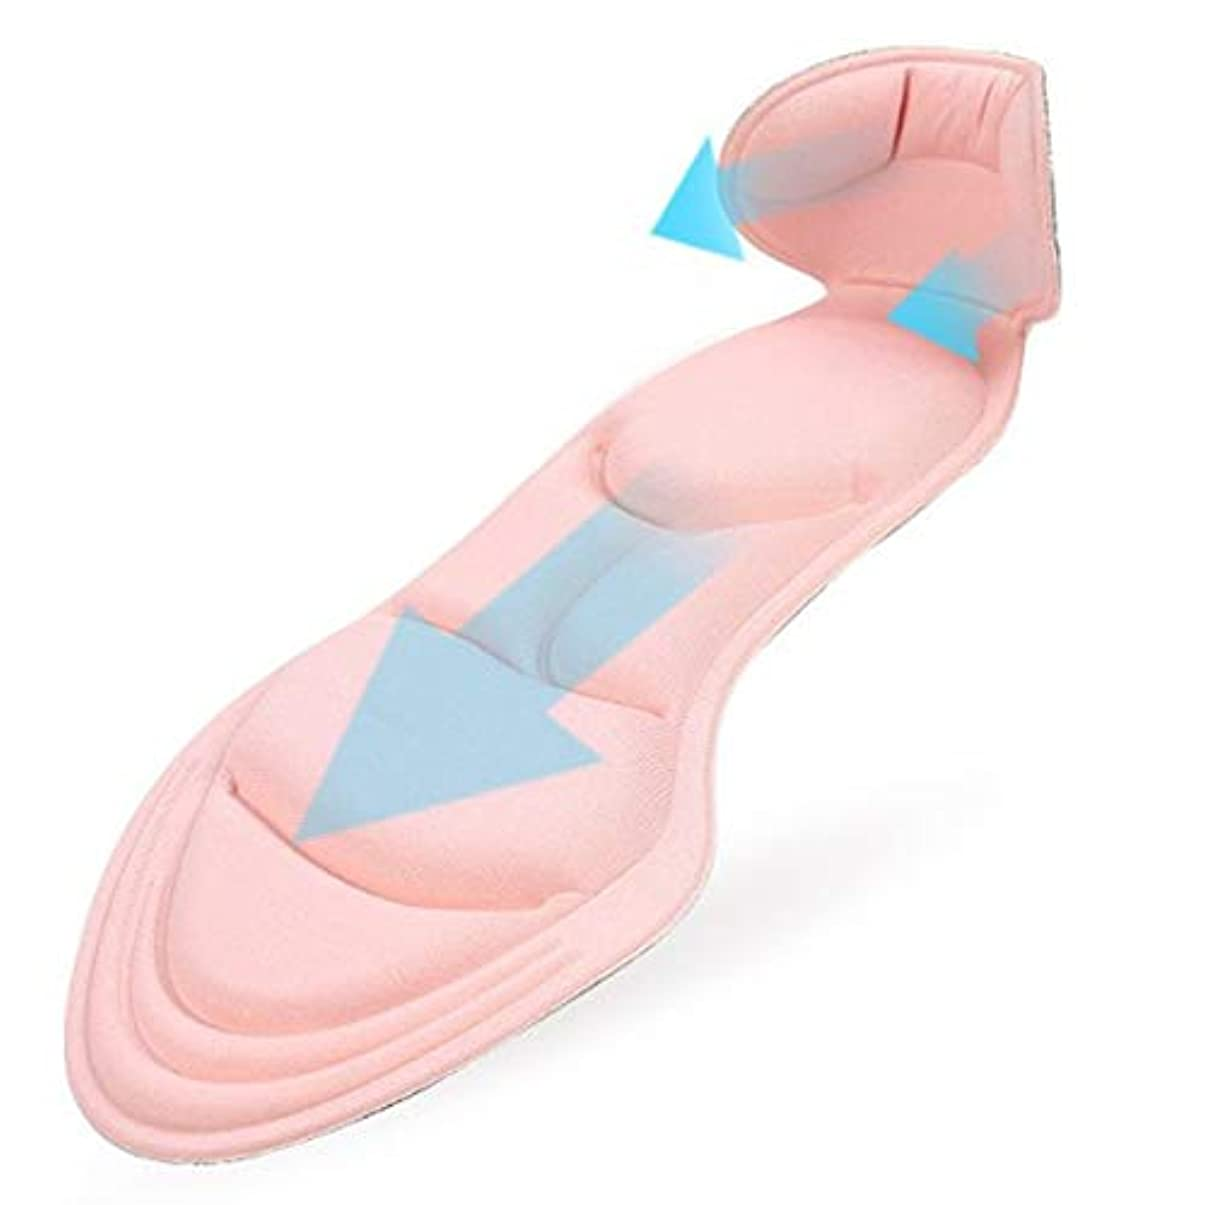 シリコーンゲルパッド快適なマッサージインソール挿入衝撃吸収パッド Shangxiangtrade (Color : ピンク)